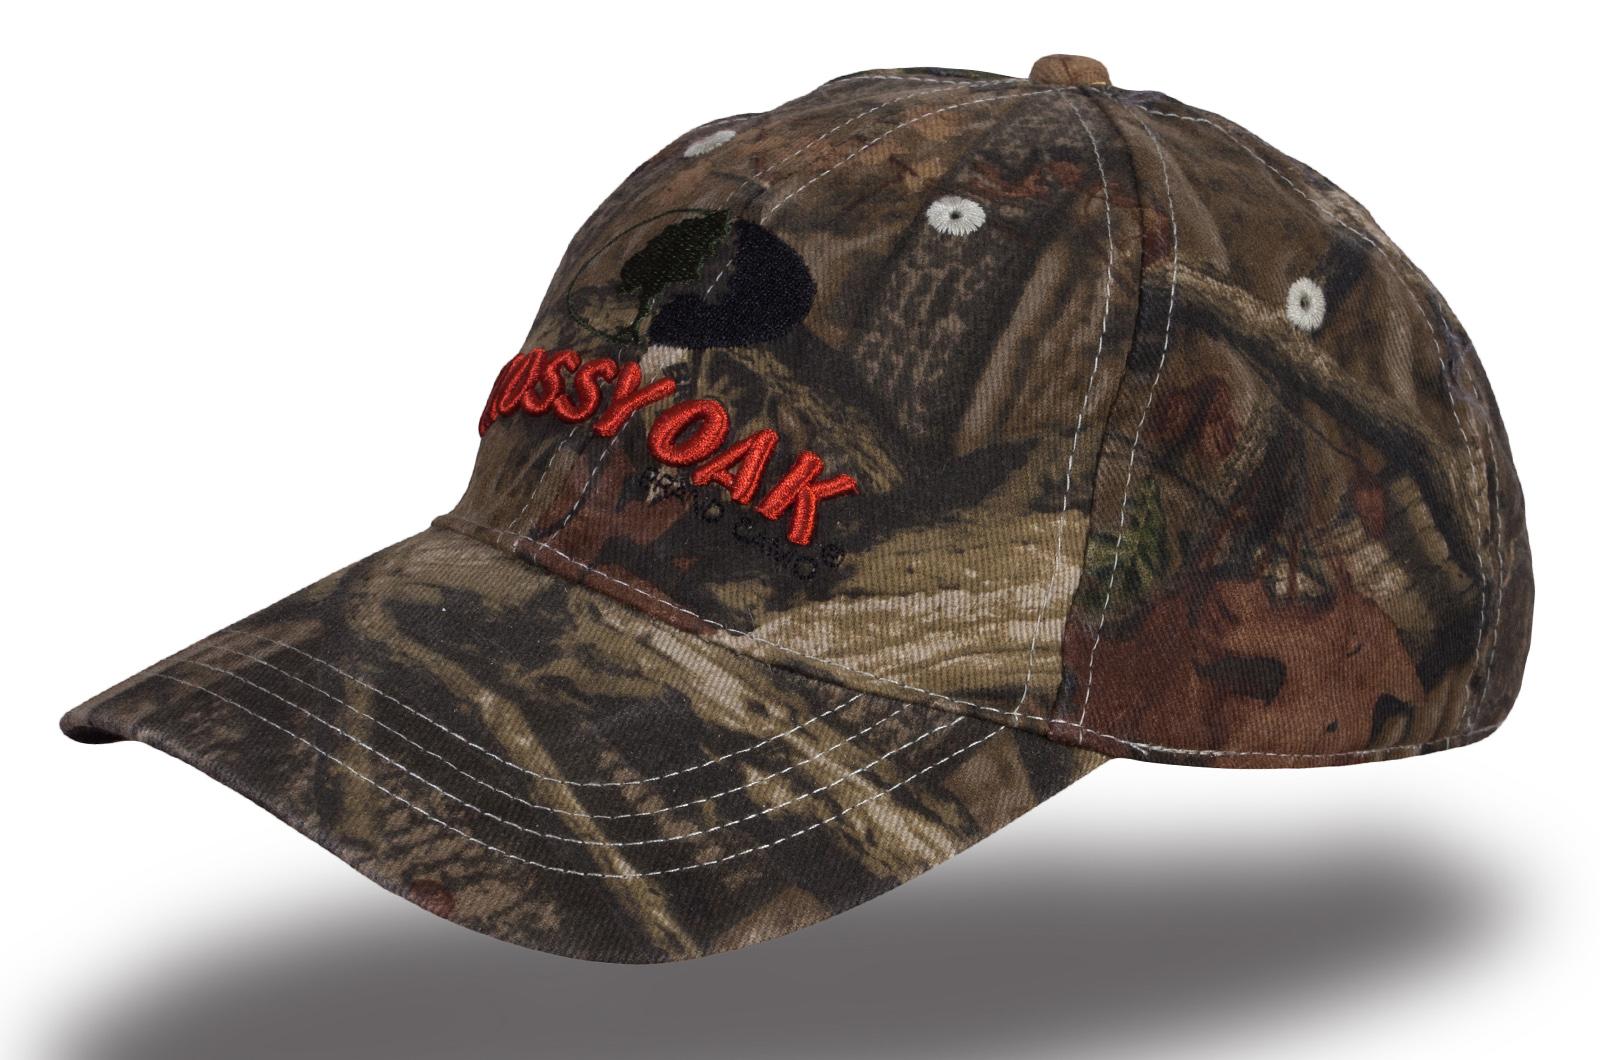 Охотничья кепка Mossy Oak - купить в интернет-магазине с доставкой